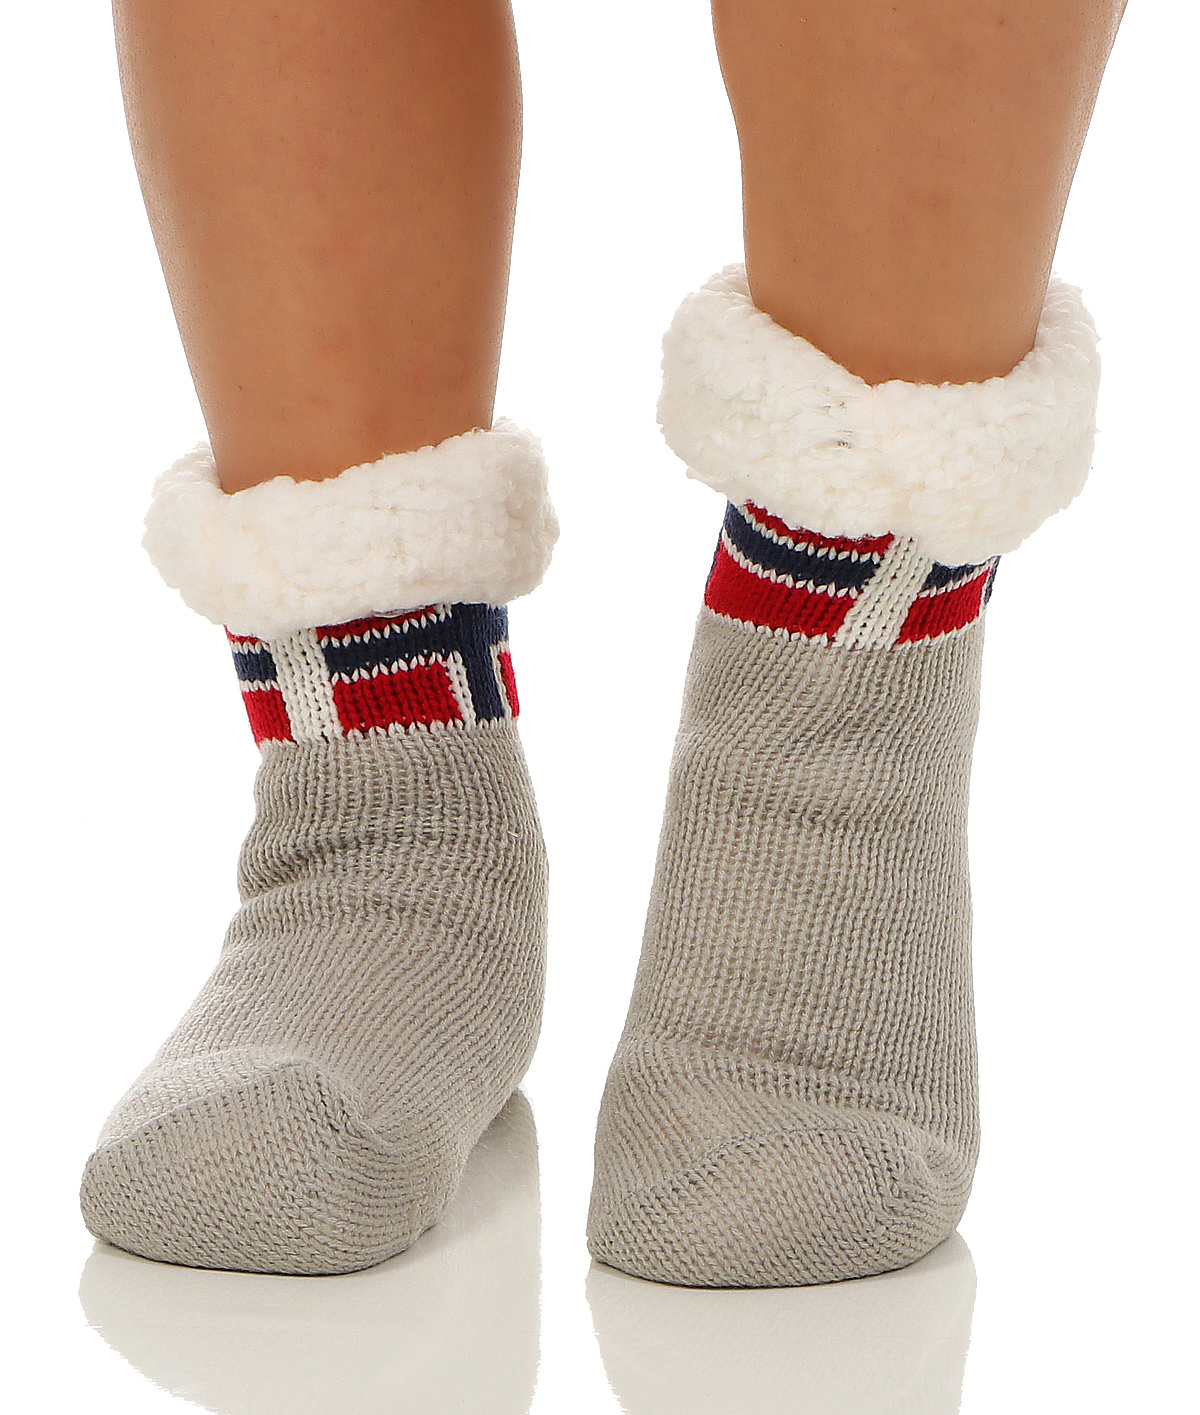 Entdecken Sie die eleganten Socken von BOSS für Herren. Erfahren Sie gehobene Designs & klassische Schnitte - setzen Sie auf hohe Qualität mit unseren Artikeln aus hochwertigen Materialien. Tadellos gekleidet mit BOSS. Jetzt in dem offiziellen HUGO BOSS Online Shop bestellen - .